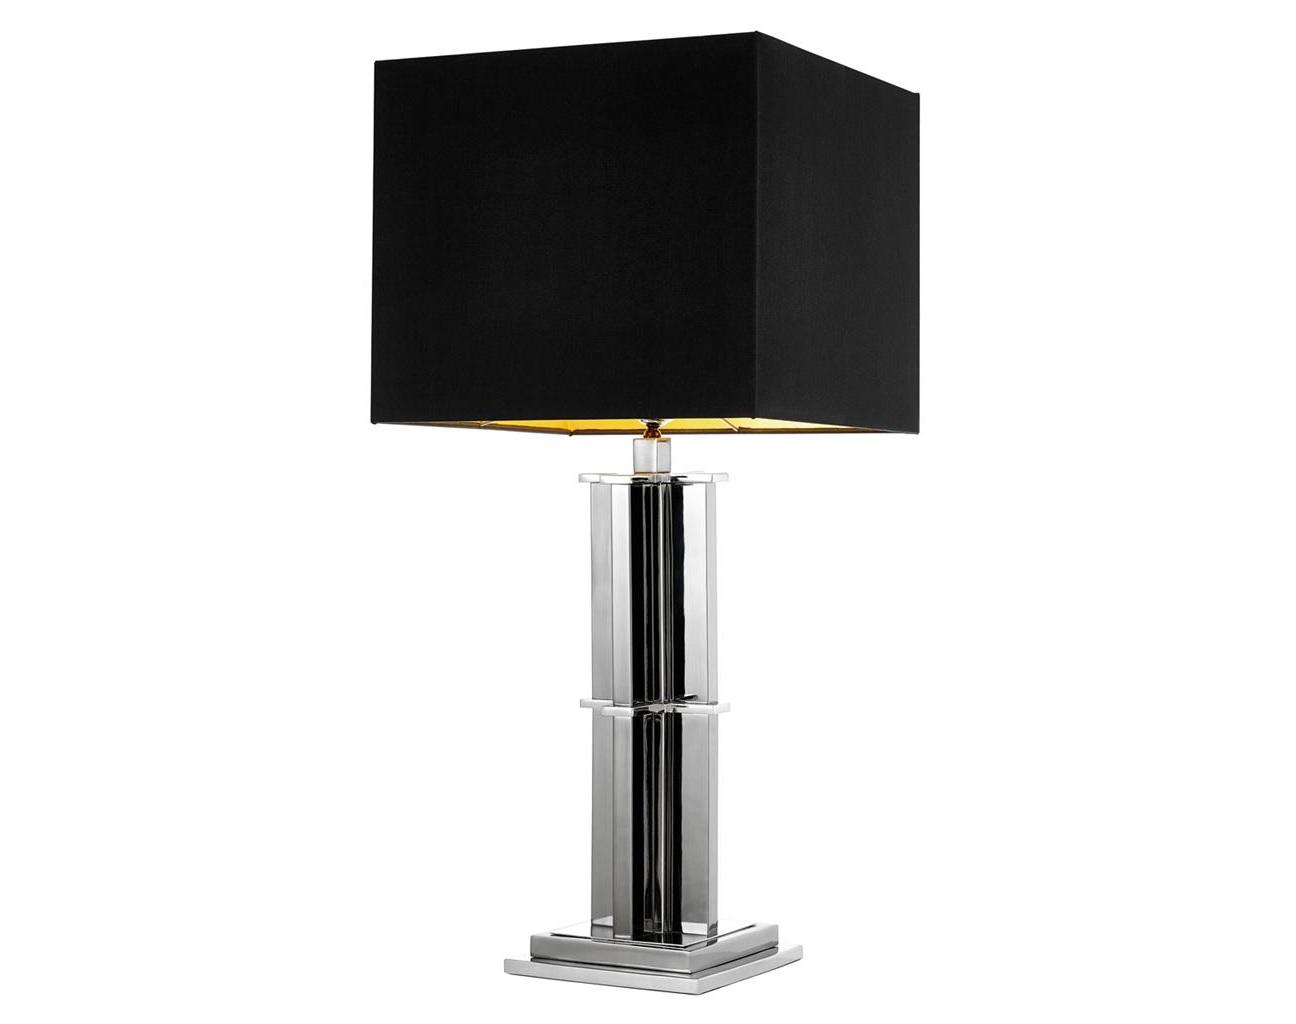 Настольная лампа Table Lamp EncoreДекоративные лампы<br>&amp;lt;div&amp;gt;Вид цоколя: E27&amp;lt;br&amp;gt;&amp;lt;/div&amp;gt;&amp;lt;div&amp;gt;&amp;lt;div&amp;gt;Мощность: 40W&amp;lt;/div&amp;gt;&amp;lt;div&amp;gt;Количество ламп: 1 (нет в комплекте)&amp;lt;/div&amp;gt;&amp;lt;/div&amp;gt;<br><br>Material: Металл<br>Ширина см: 35<br>Высота см: 77<br>Глубина см: 35